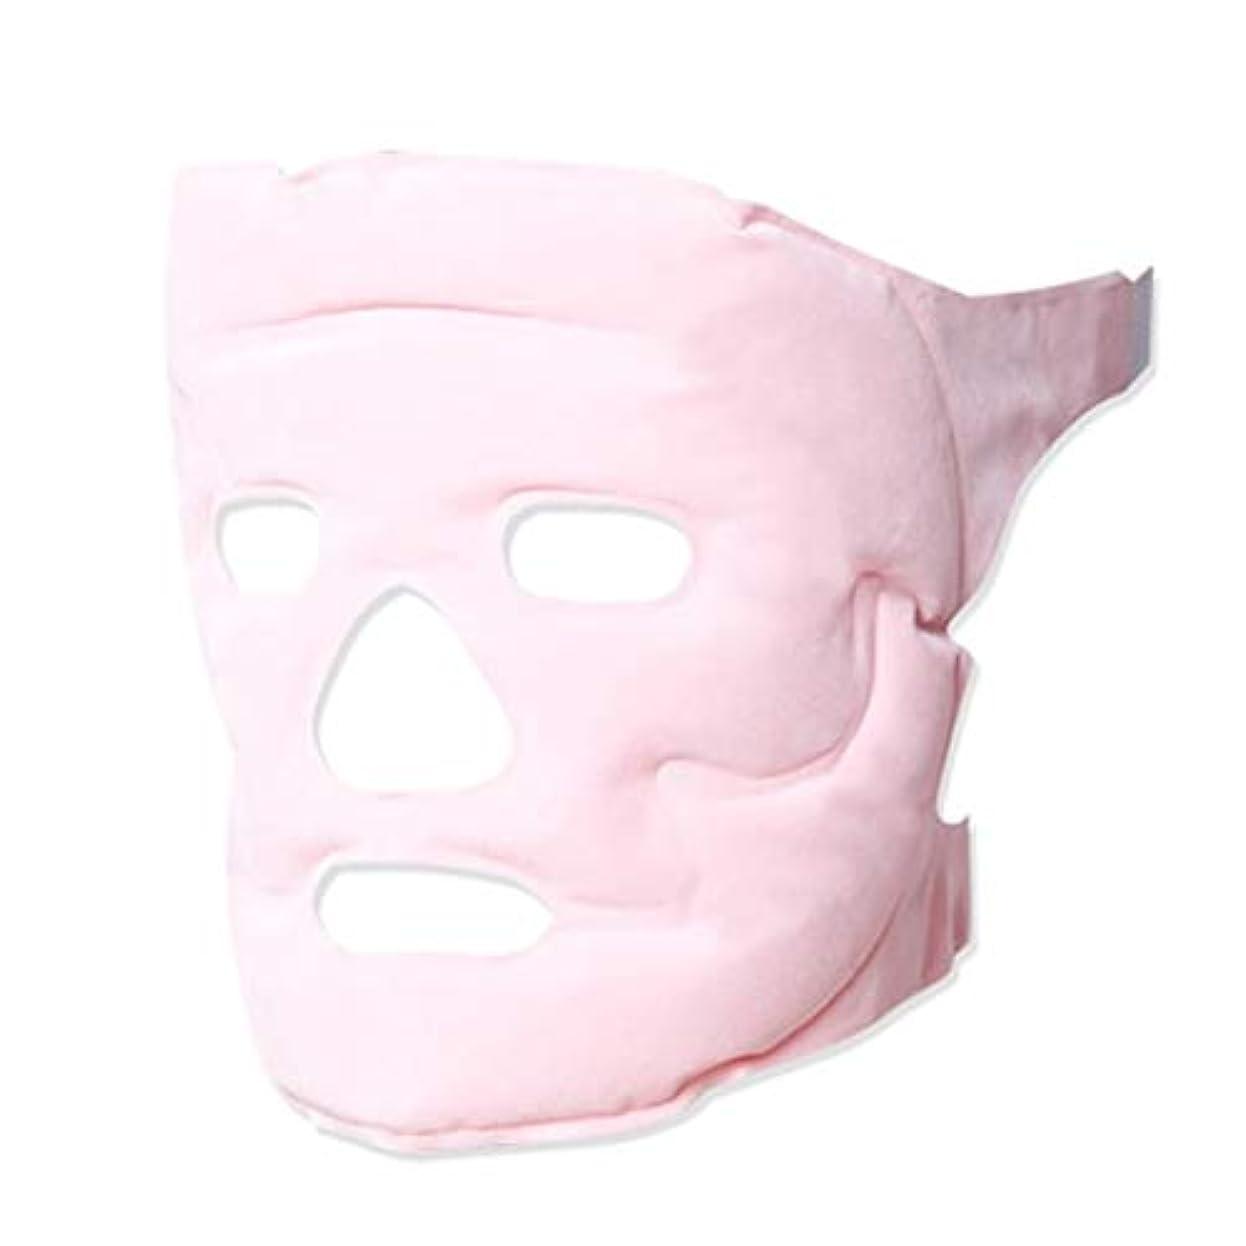 地元ロータリー丘ZWBD フェイスマスク, フェイスリフティング包帯Vフェイスマスク睡眠薄い顔美容マスク磁気療法リフティング顔引き締め令包帯